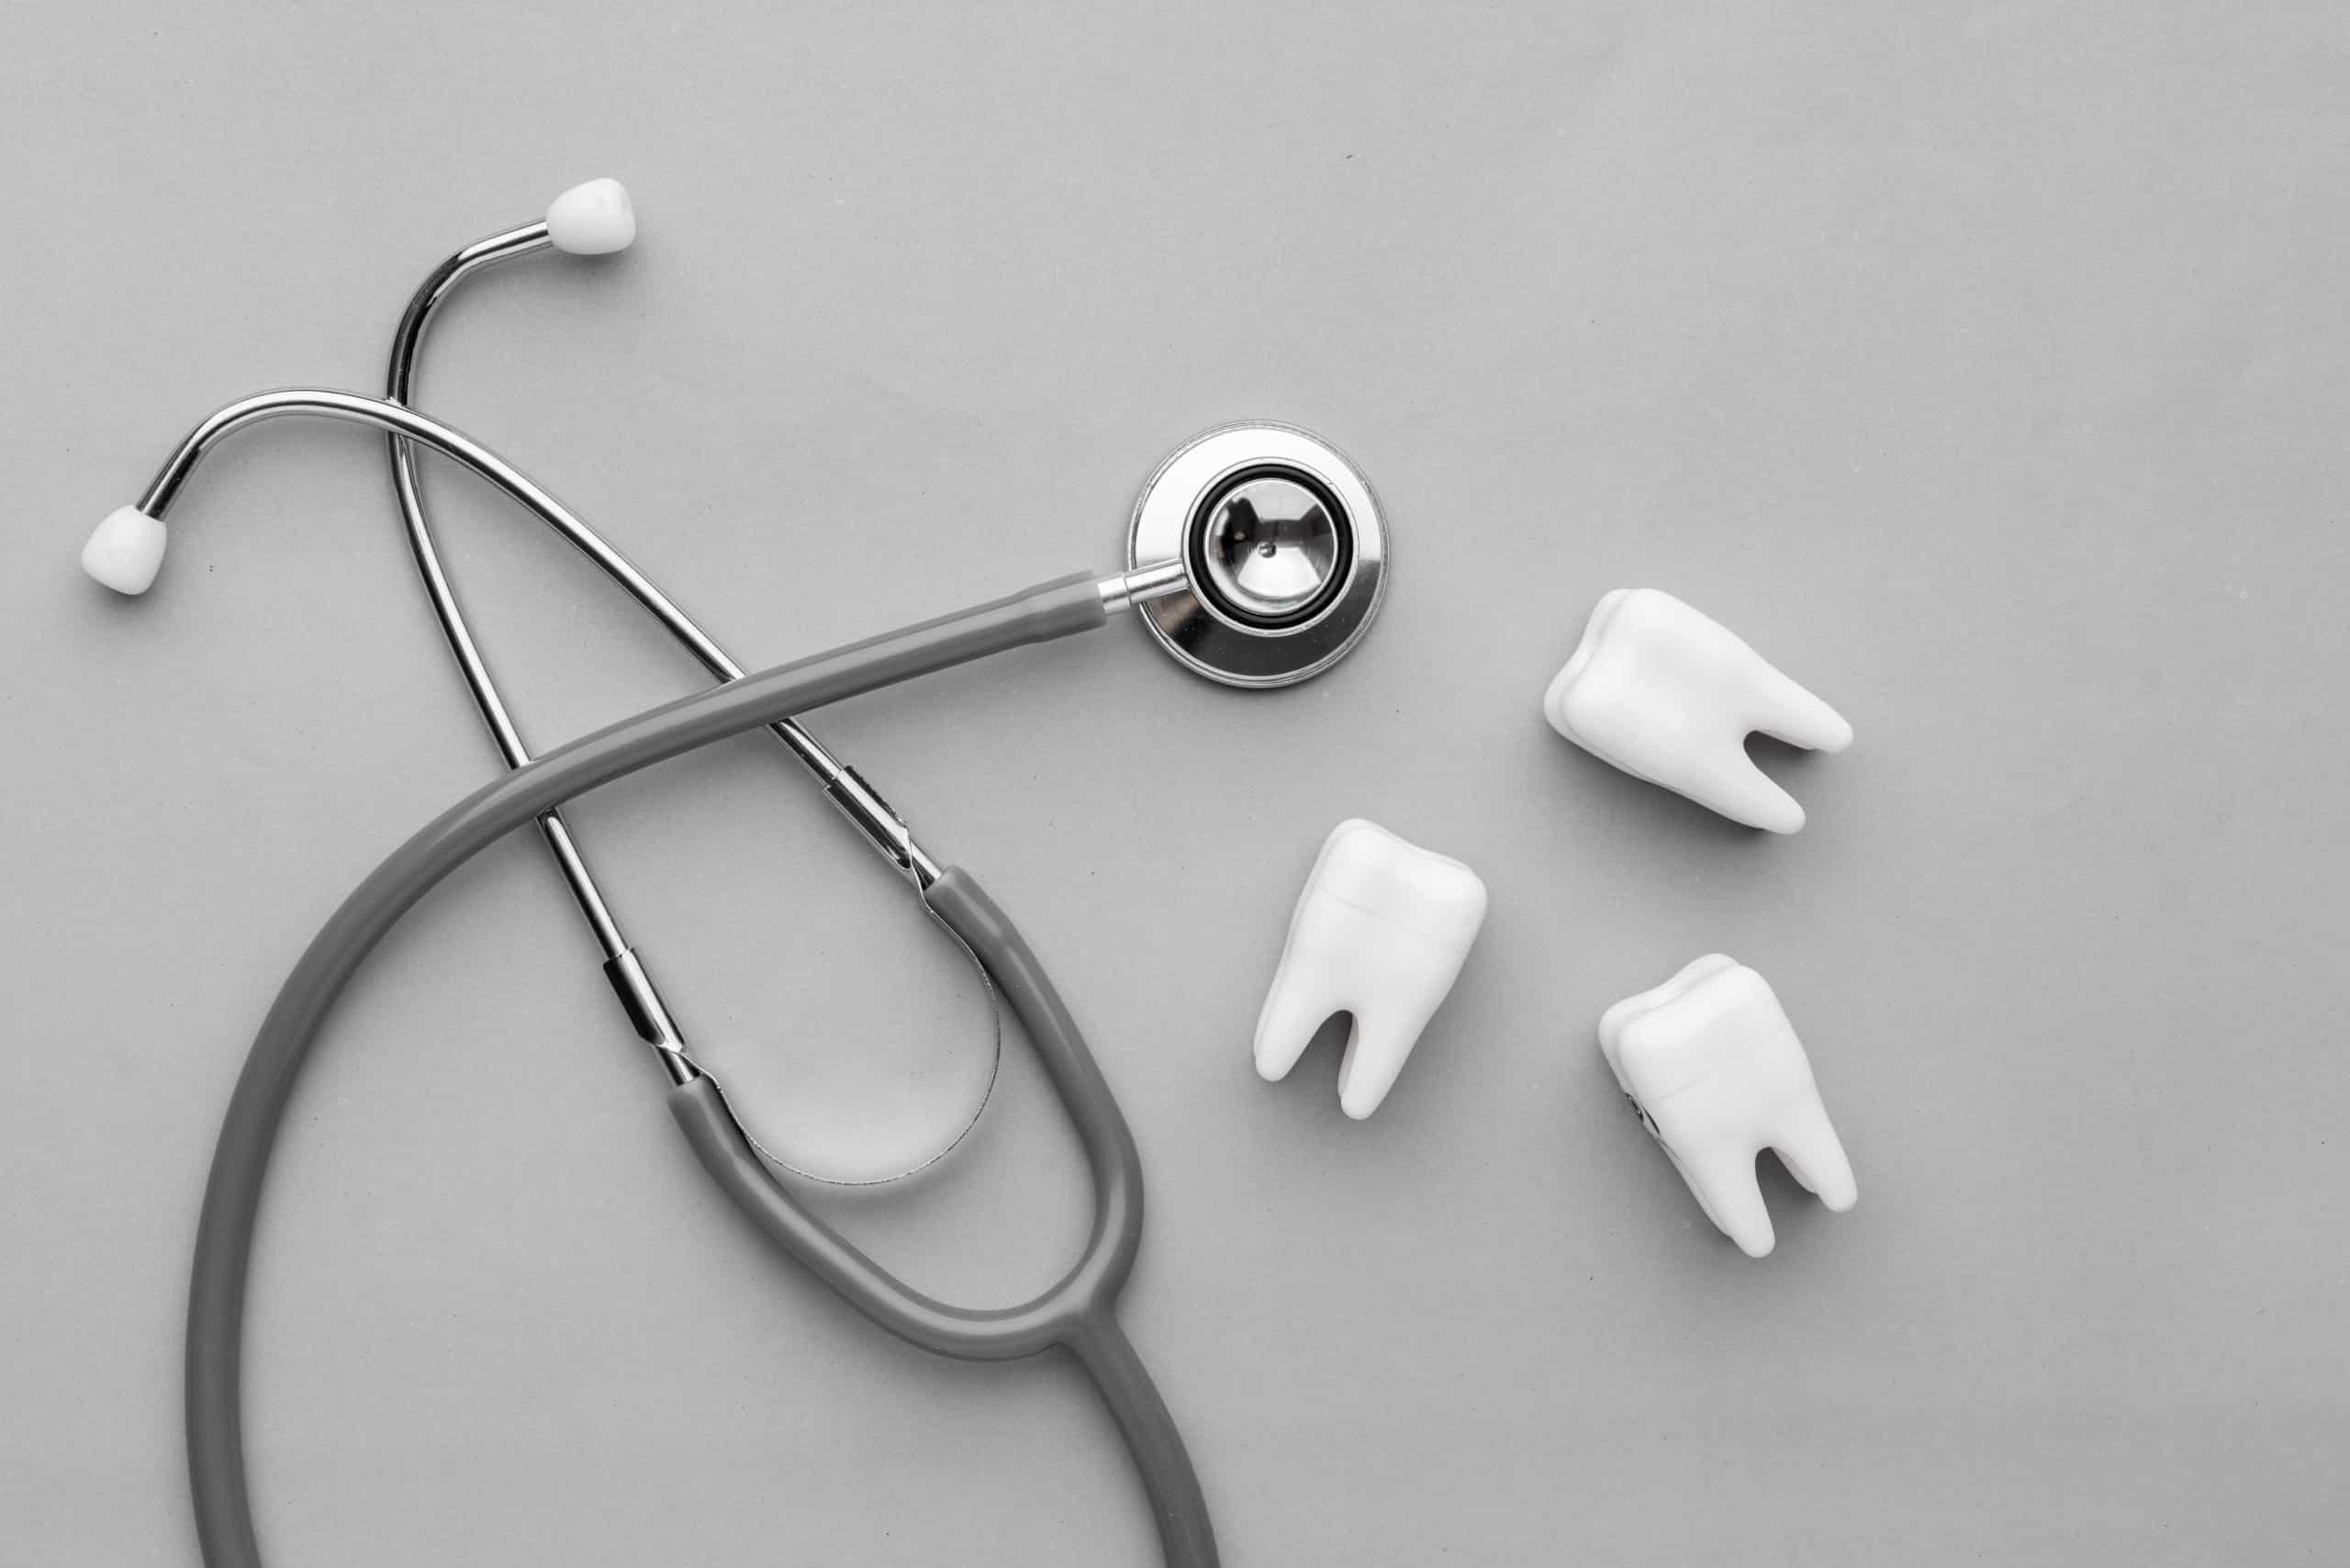 Usuwanie ósemek. Usuwanie zębów mądrości a aparat ortodontyczny.